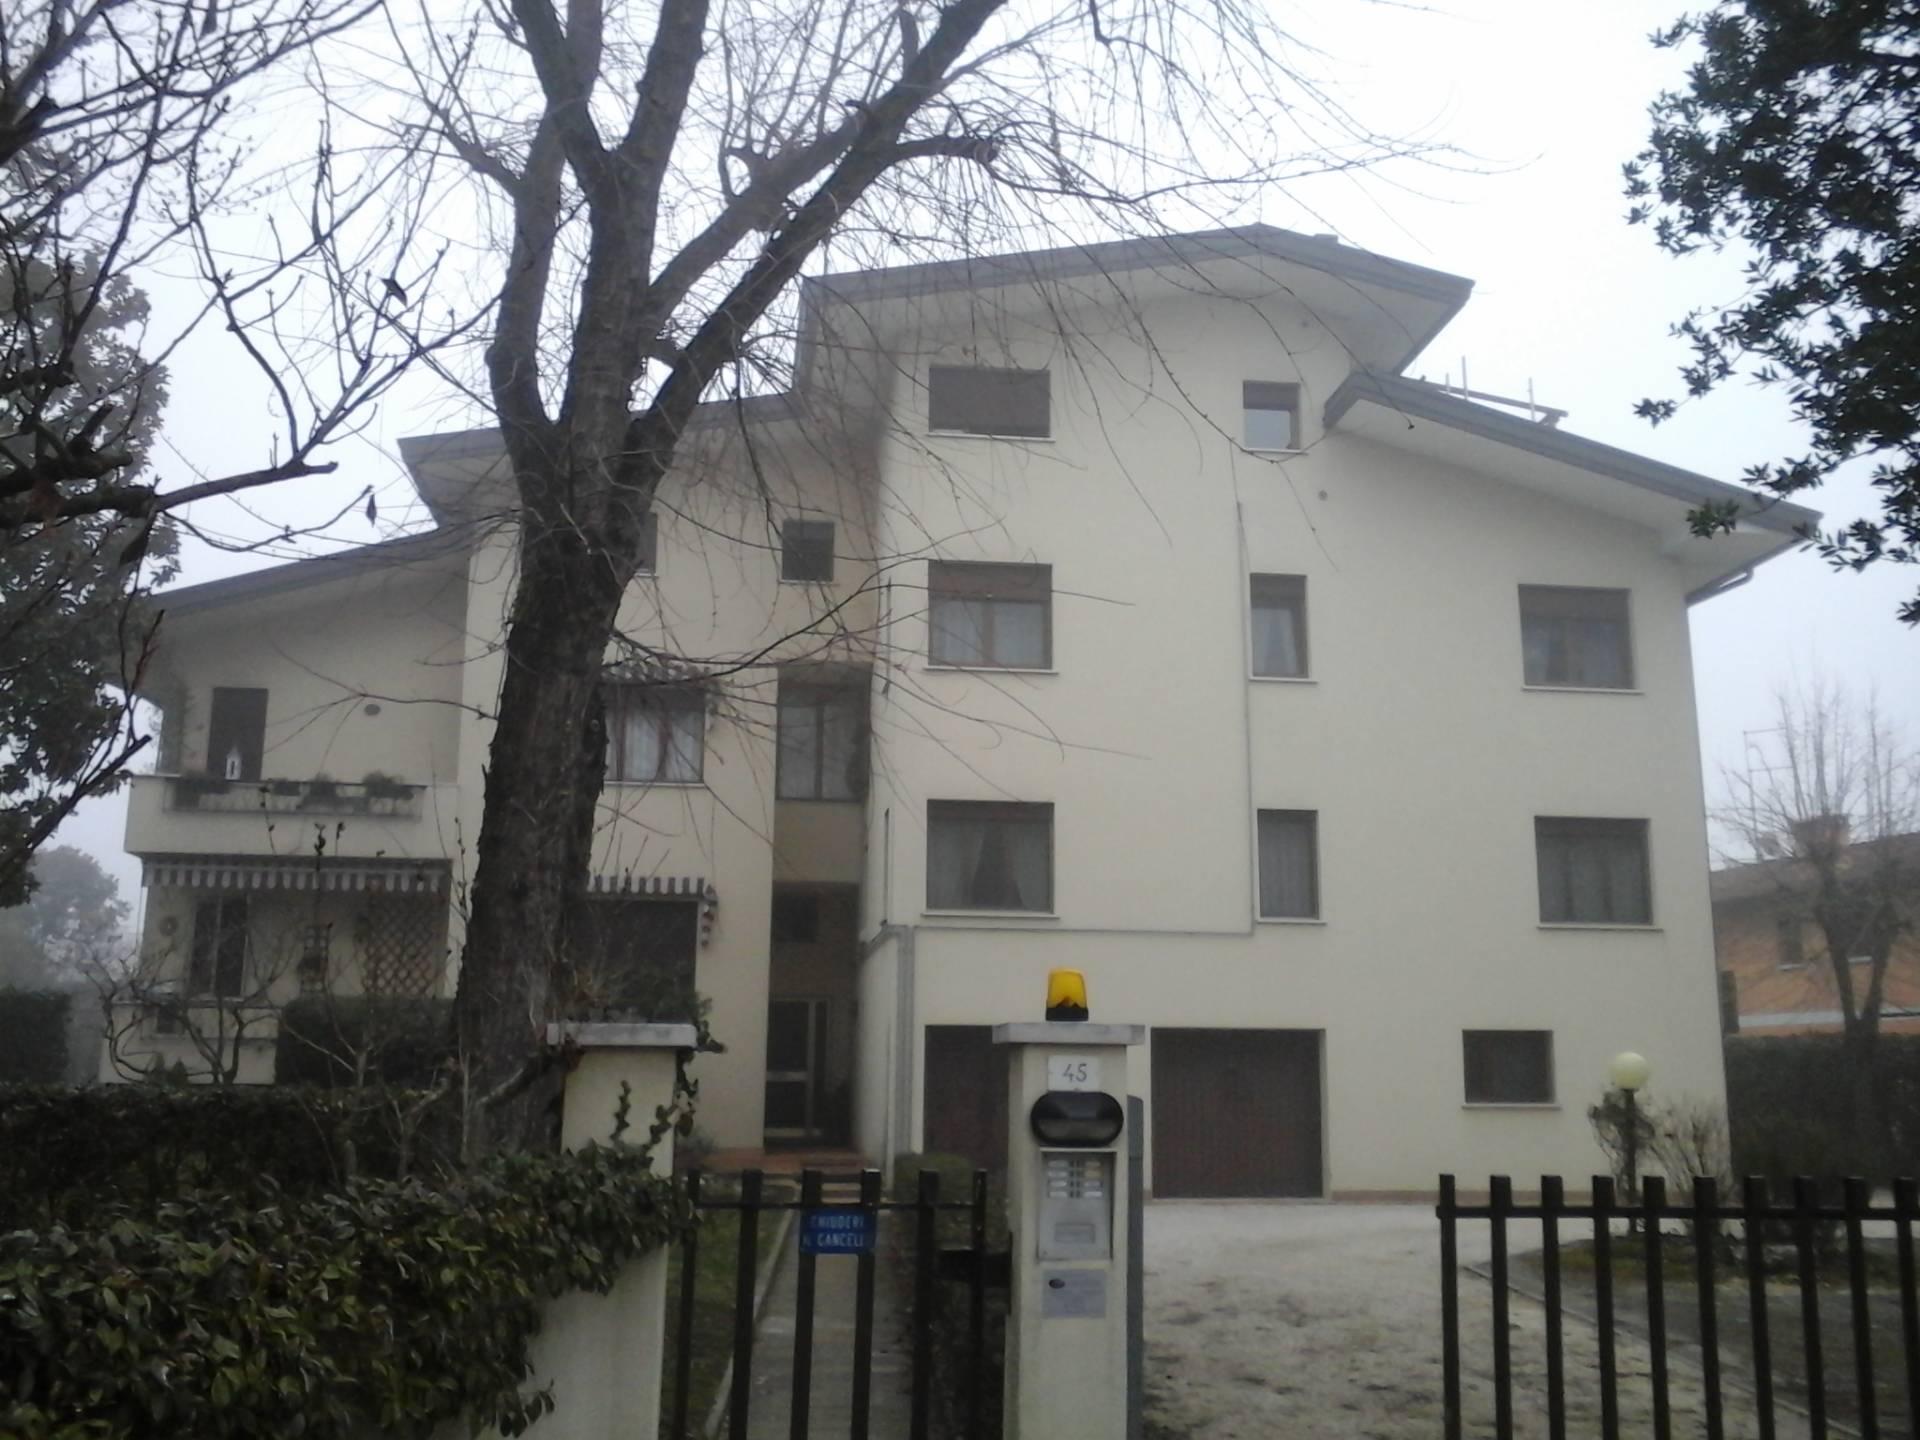 Appartamento in vendita a Casier, 5 locali, zona Località: DossondiCasier, prezzo € 130.000 | Cambio Casa.it